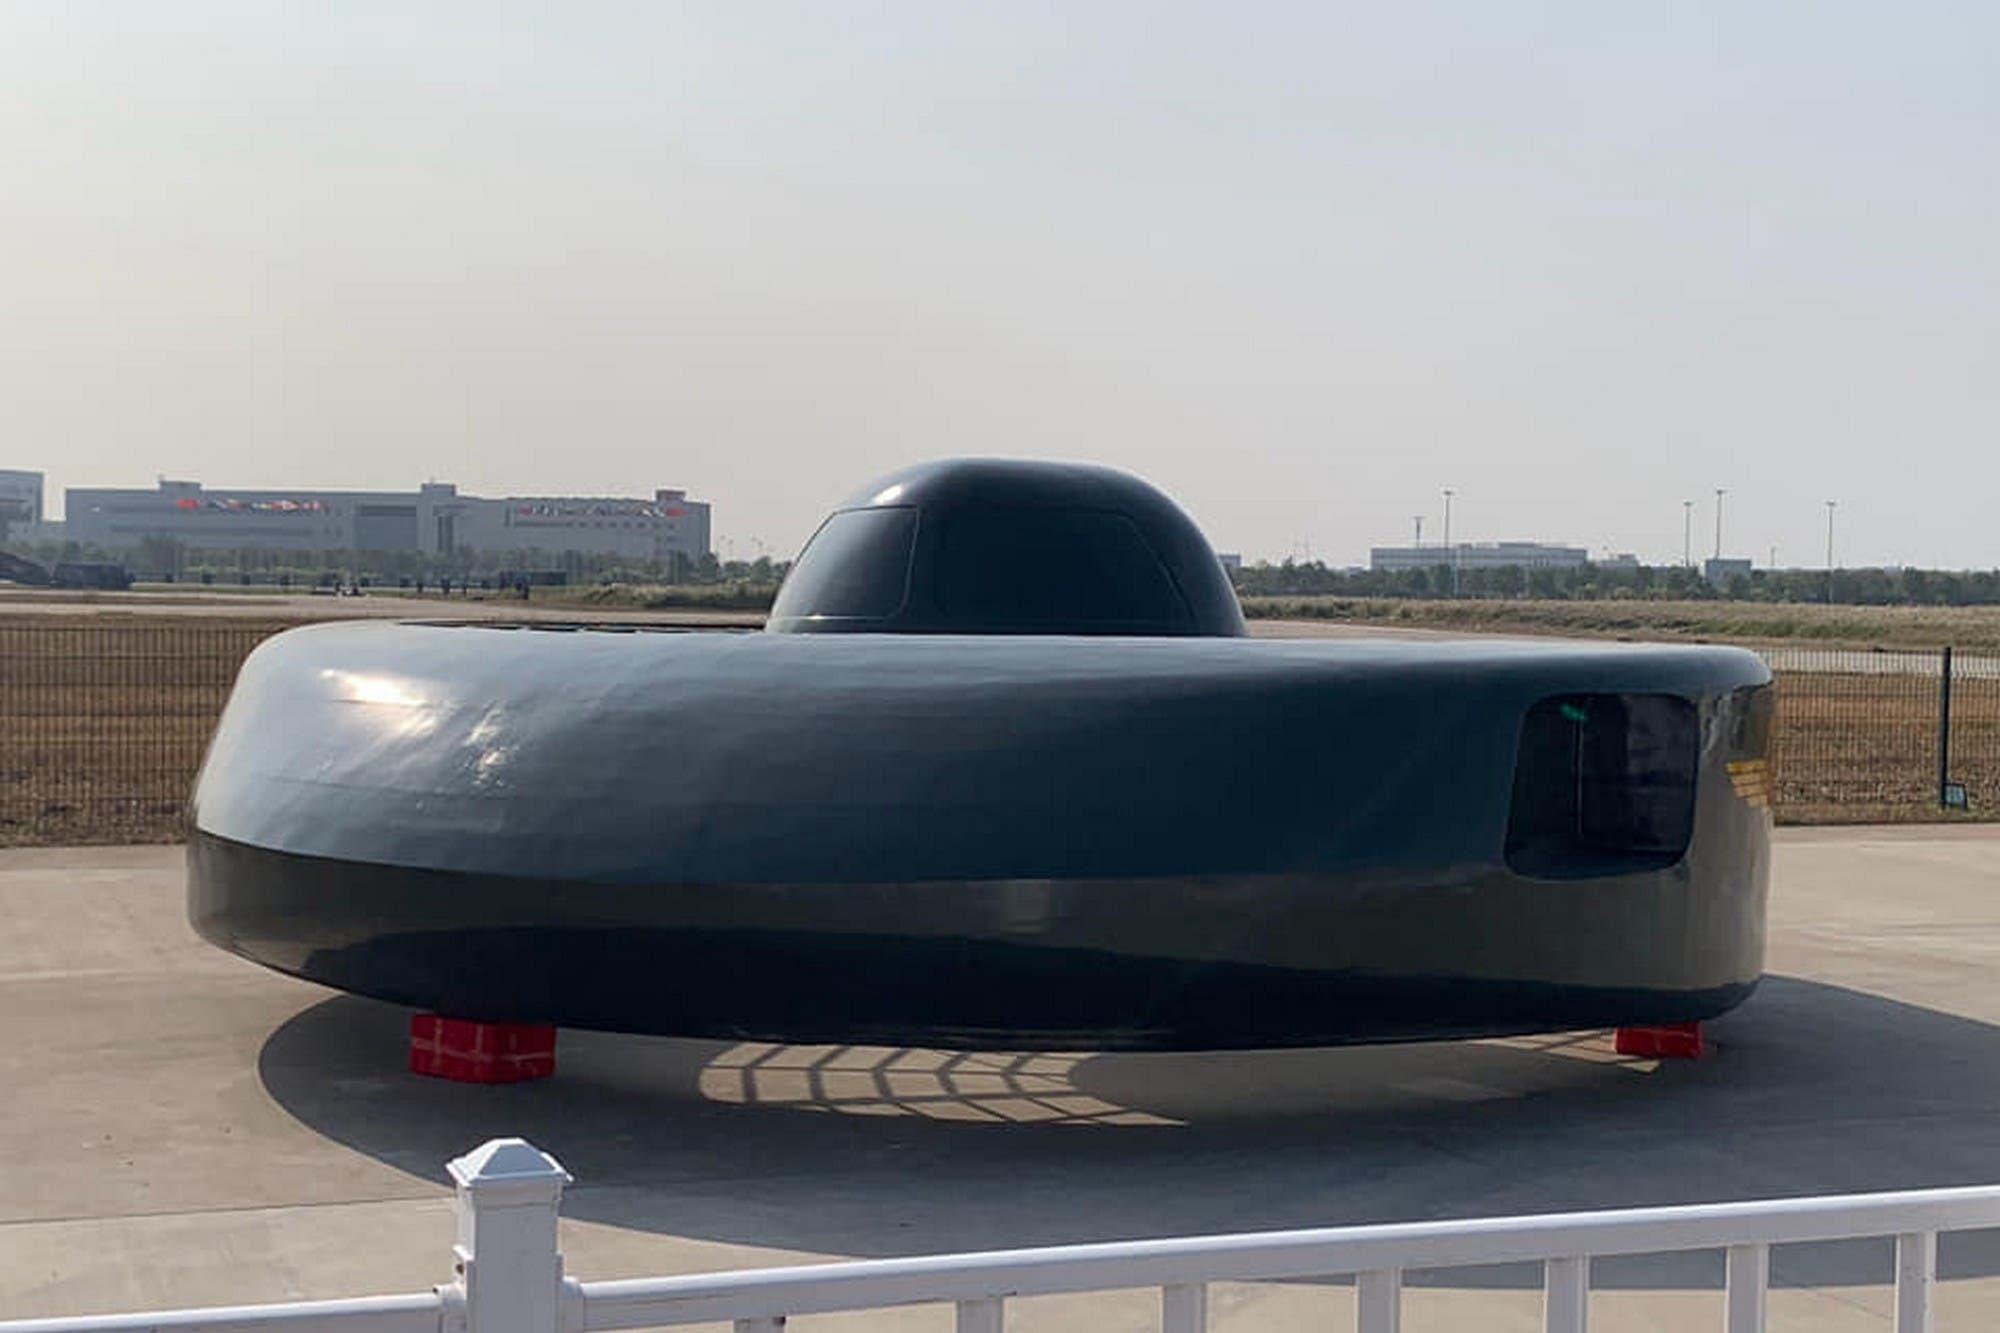 Este es el sorprendente helicóptero chino con forma de plato volador